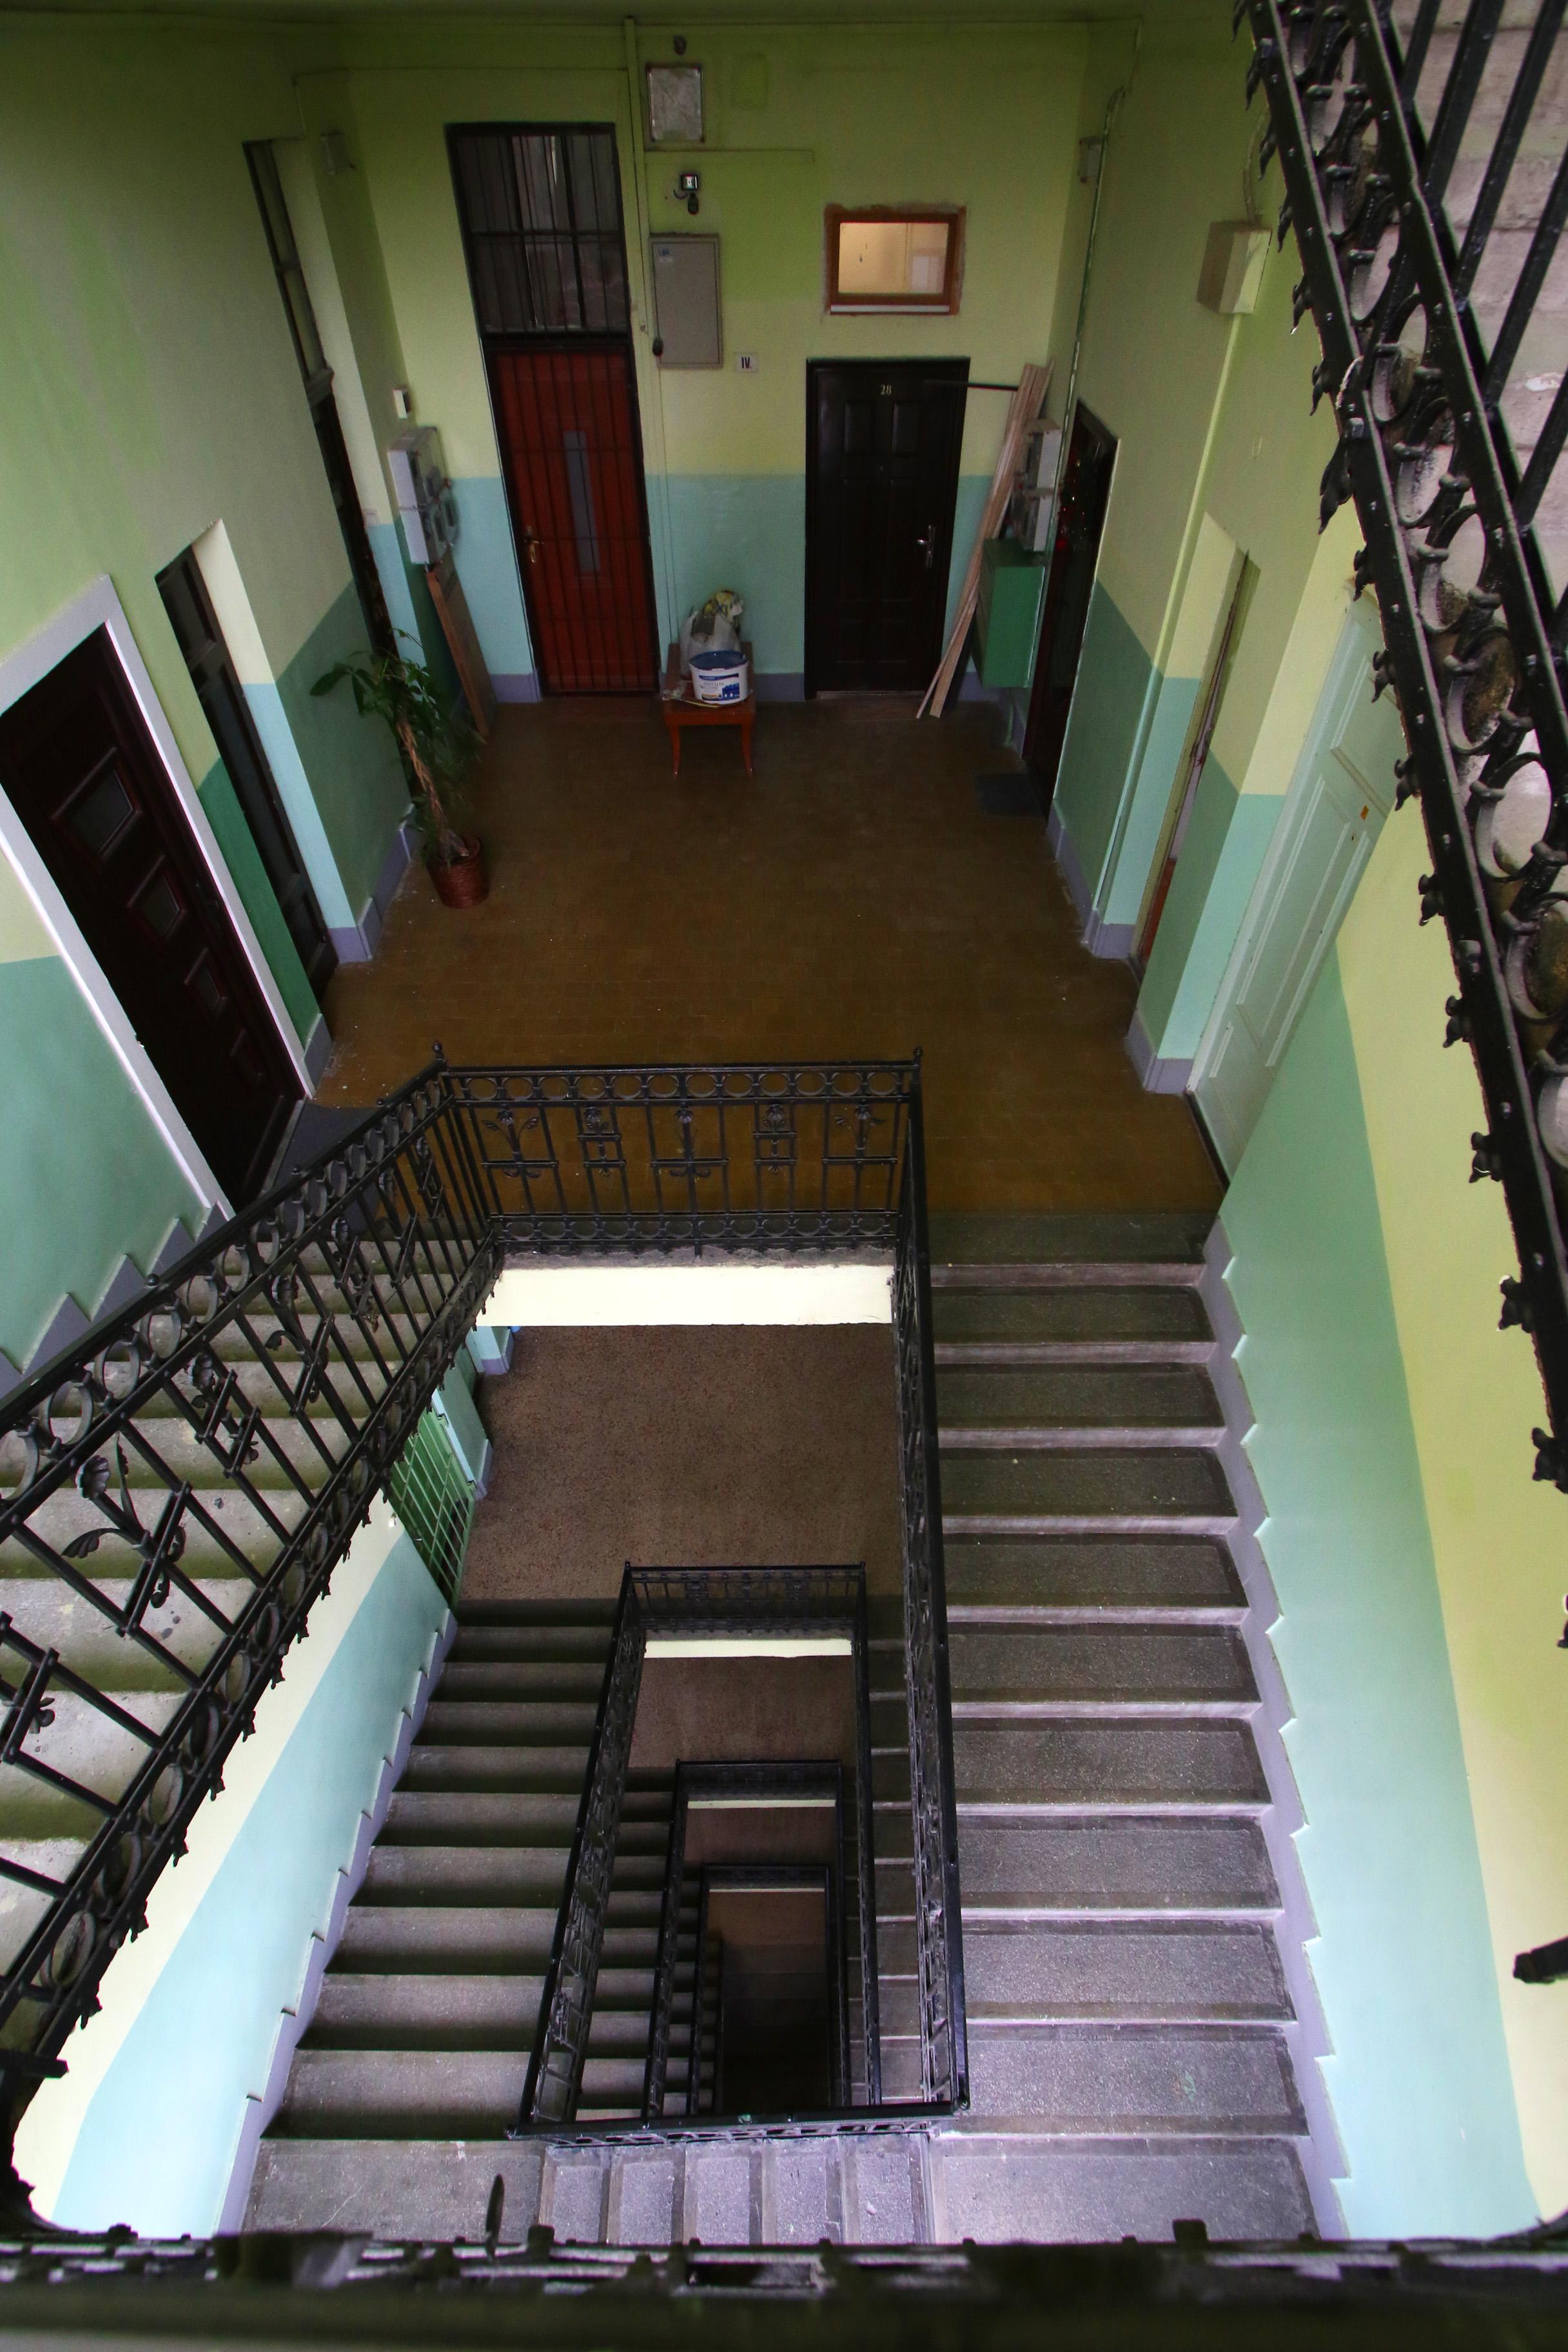 Ganz-MÁVAG kolónia, XVII. sz. ház lépcsőháza